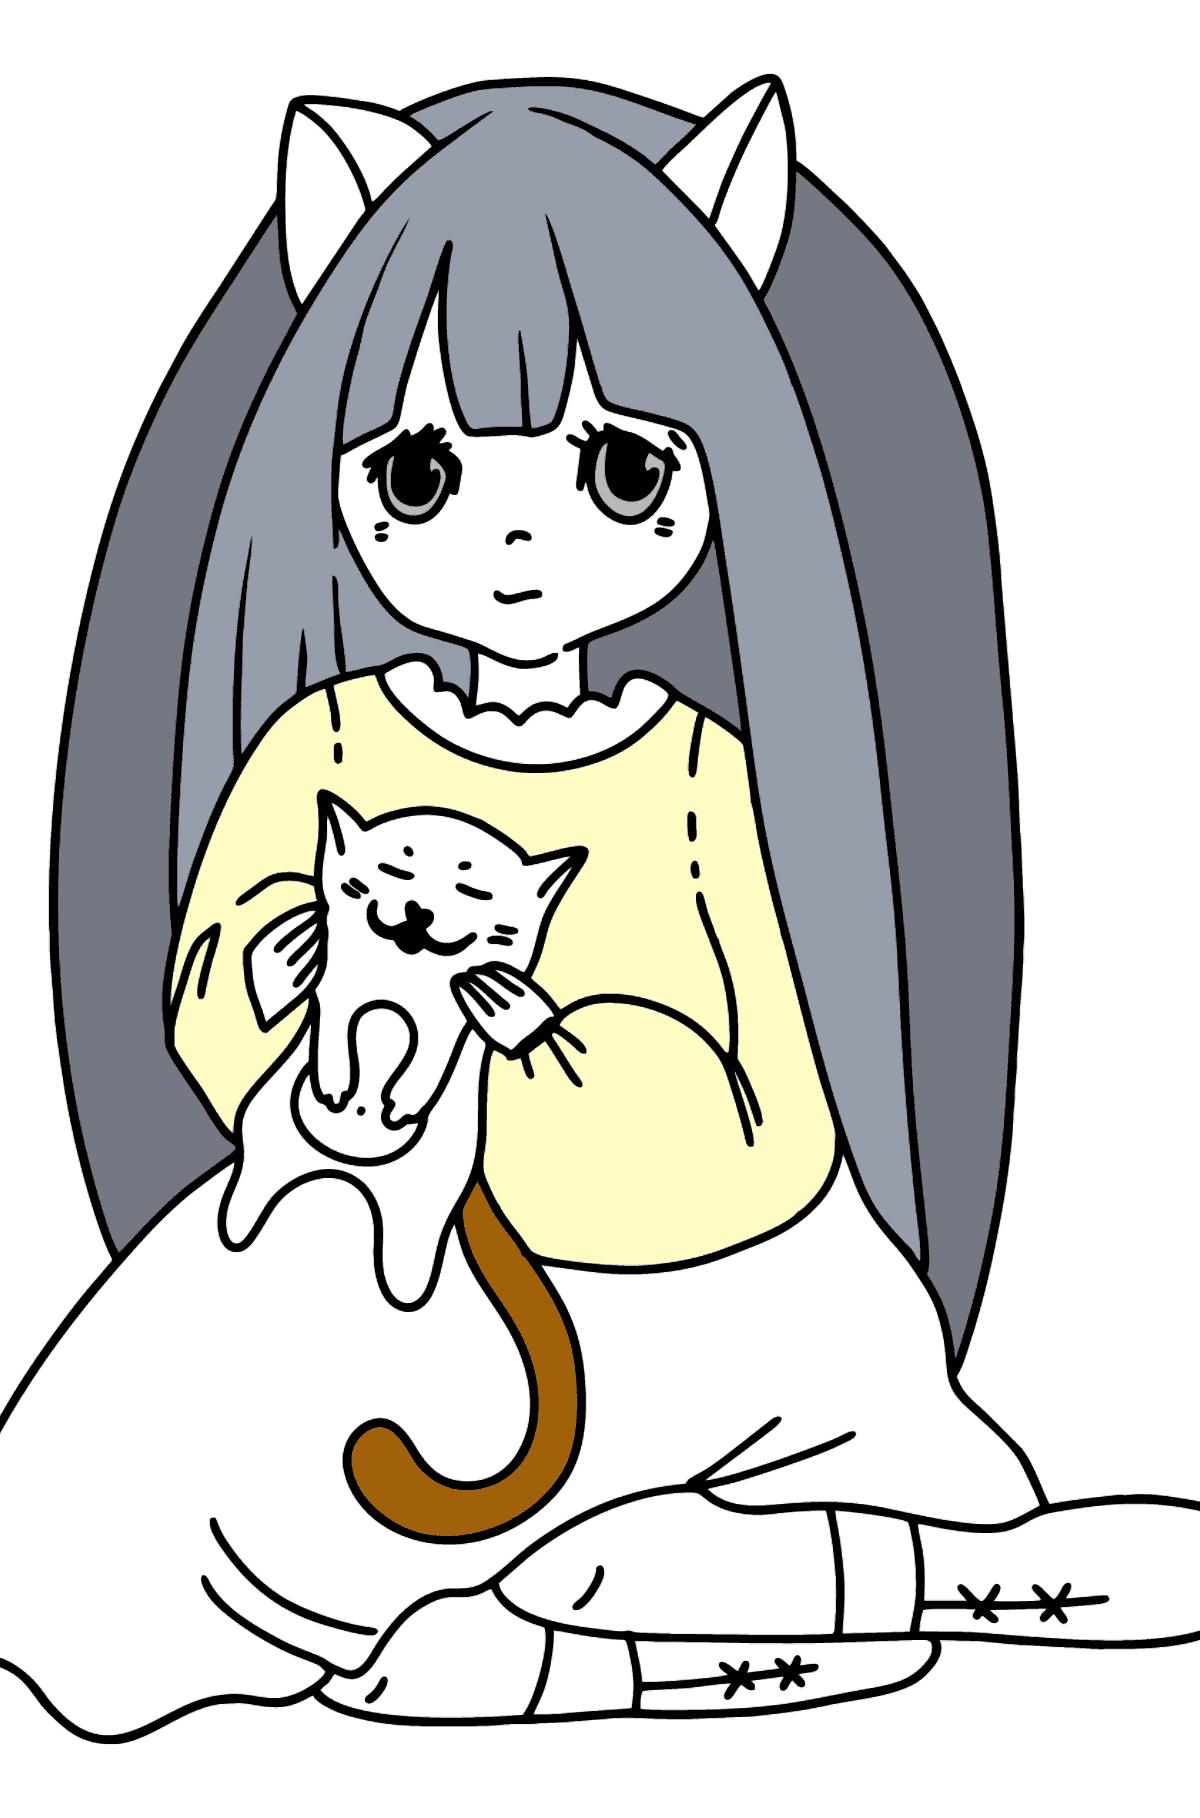 Anime Mädchen spielt mit Kätzchen Ausmalbilder - Malvorlagen für Kinder